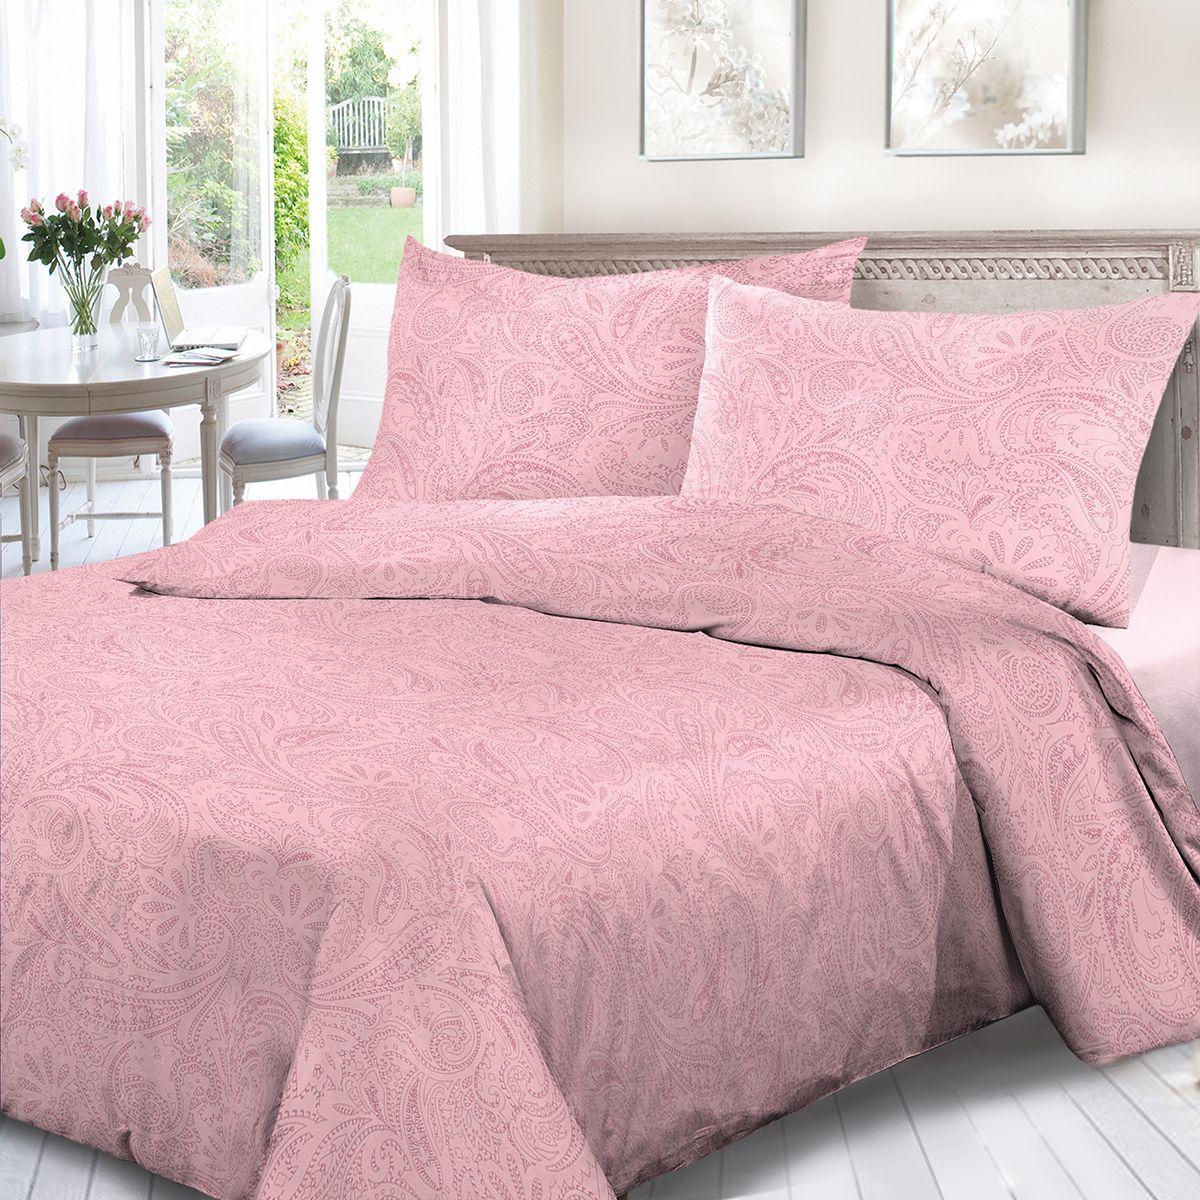 Комплект белья Сорренто Ариэль, 2-х спальное, наволочки 70x70, цвет: розовый. 4114-189099